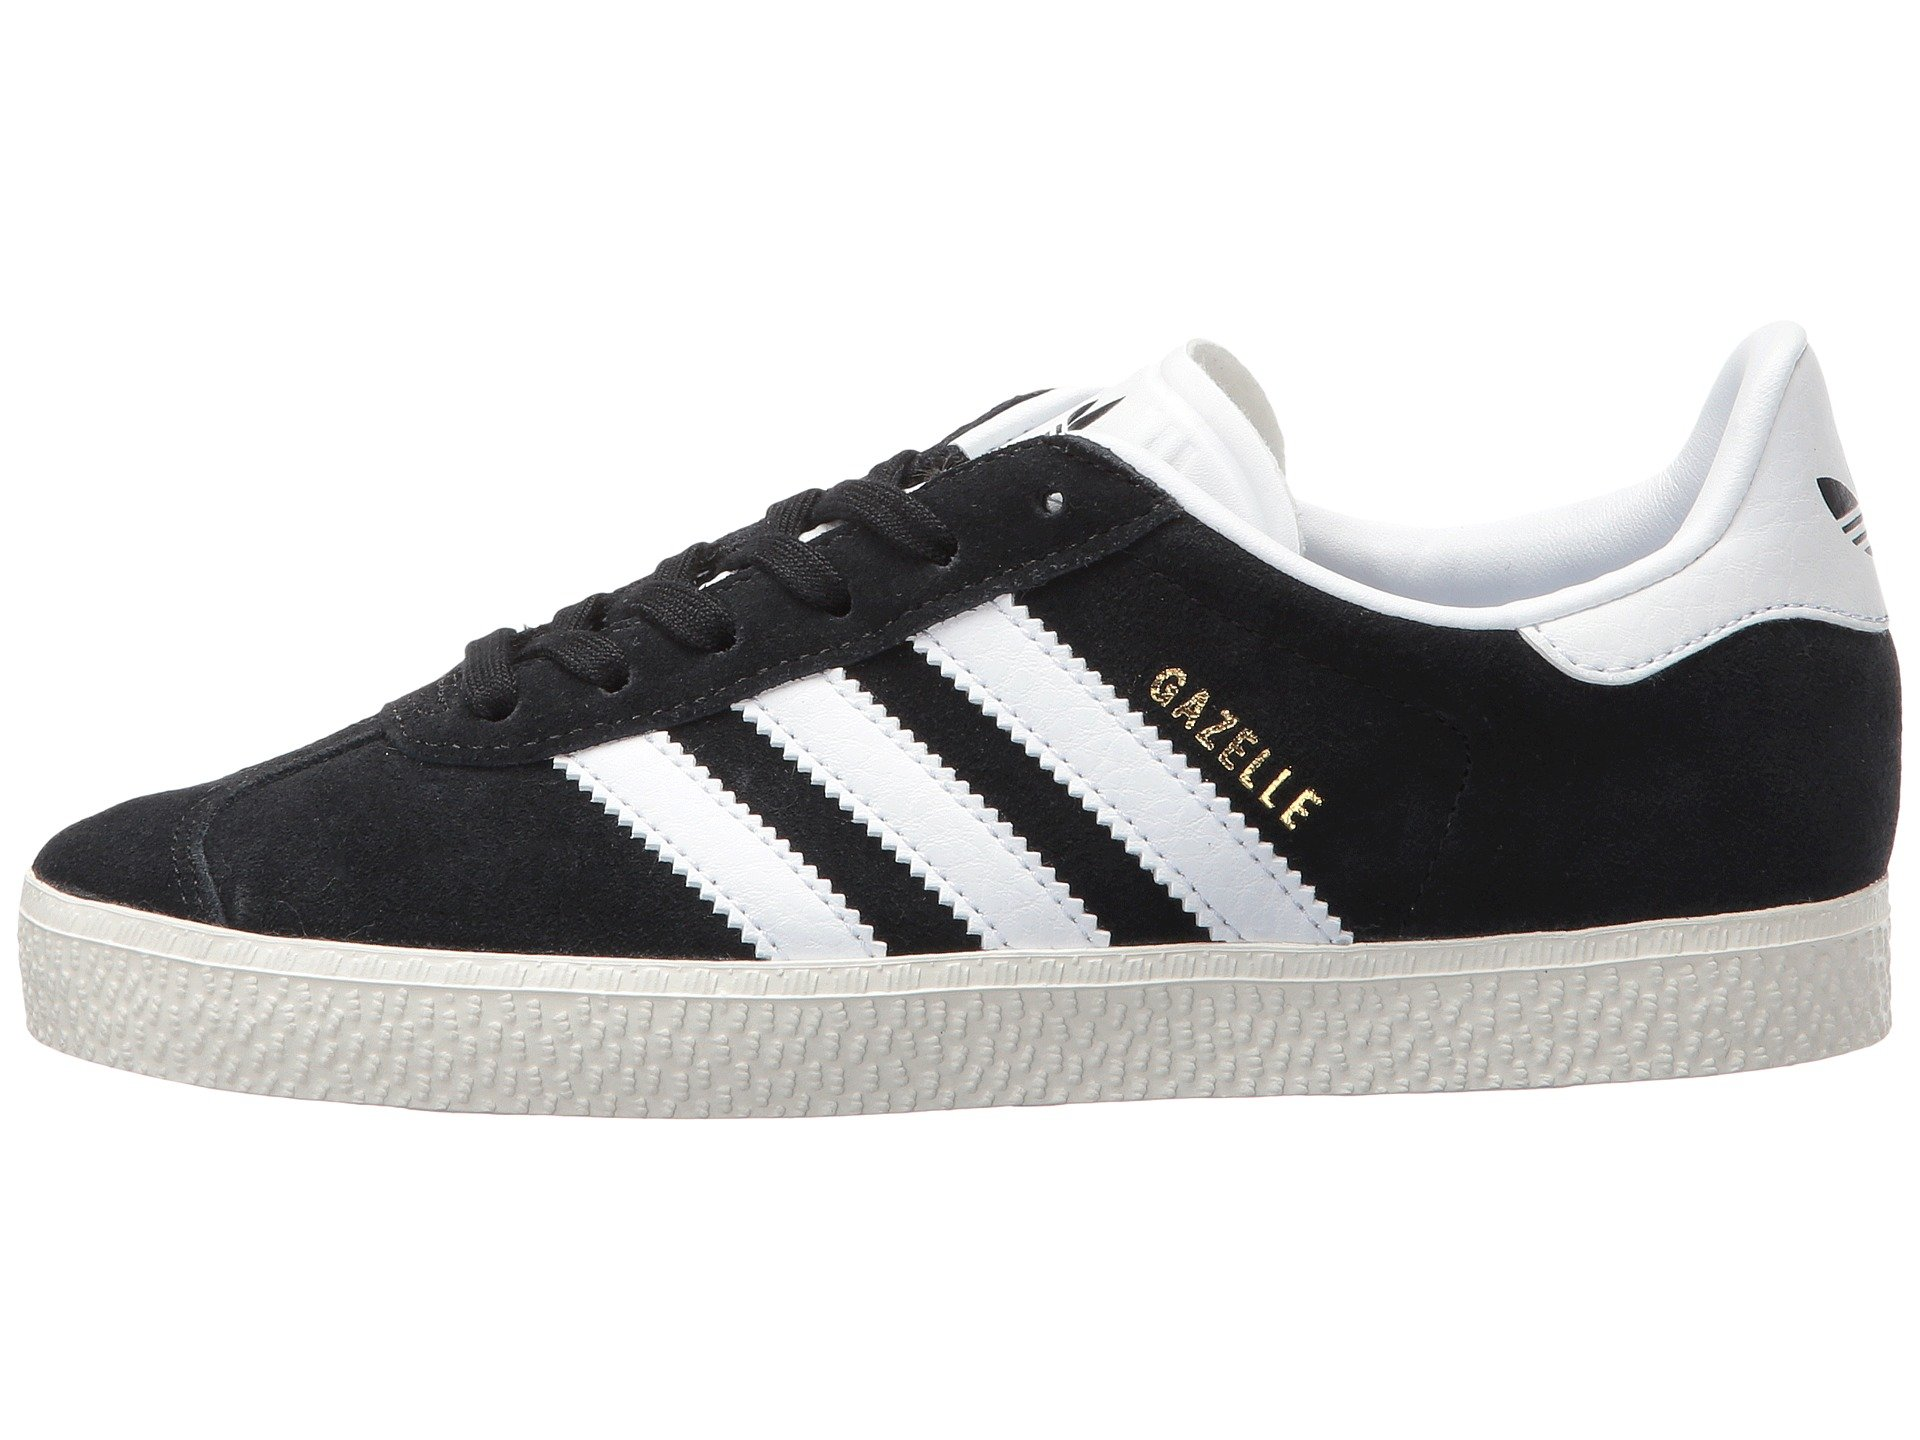 adidas gazelle black tongue adidas shoes for boys size 13